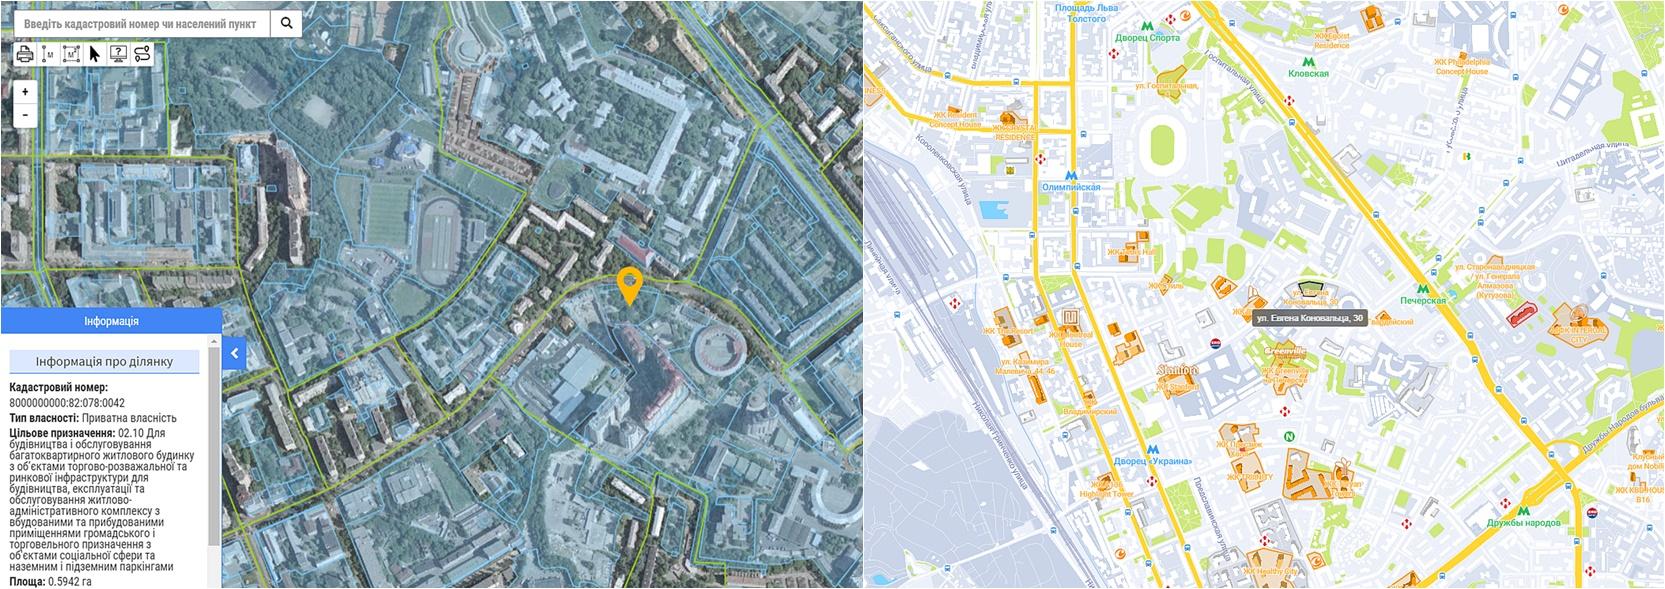 Проект ЖК по ул. Коновальца, 30 данные кадастра и на карте